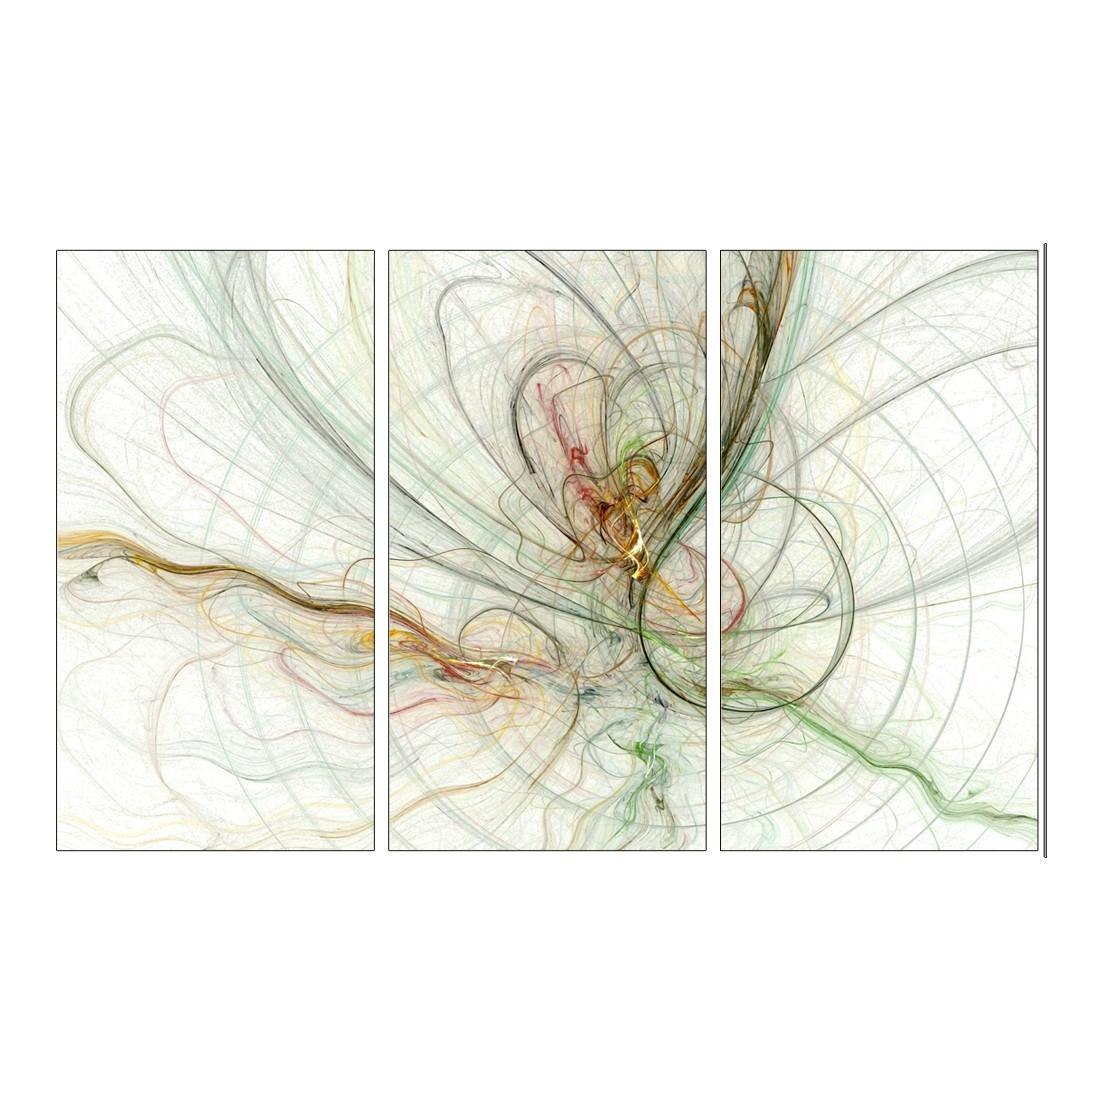 Leinwandbild Chaos – 120 x 80cm, Gallery of Innovative Art online bestellen